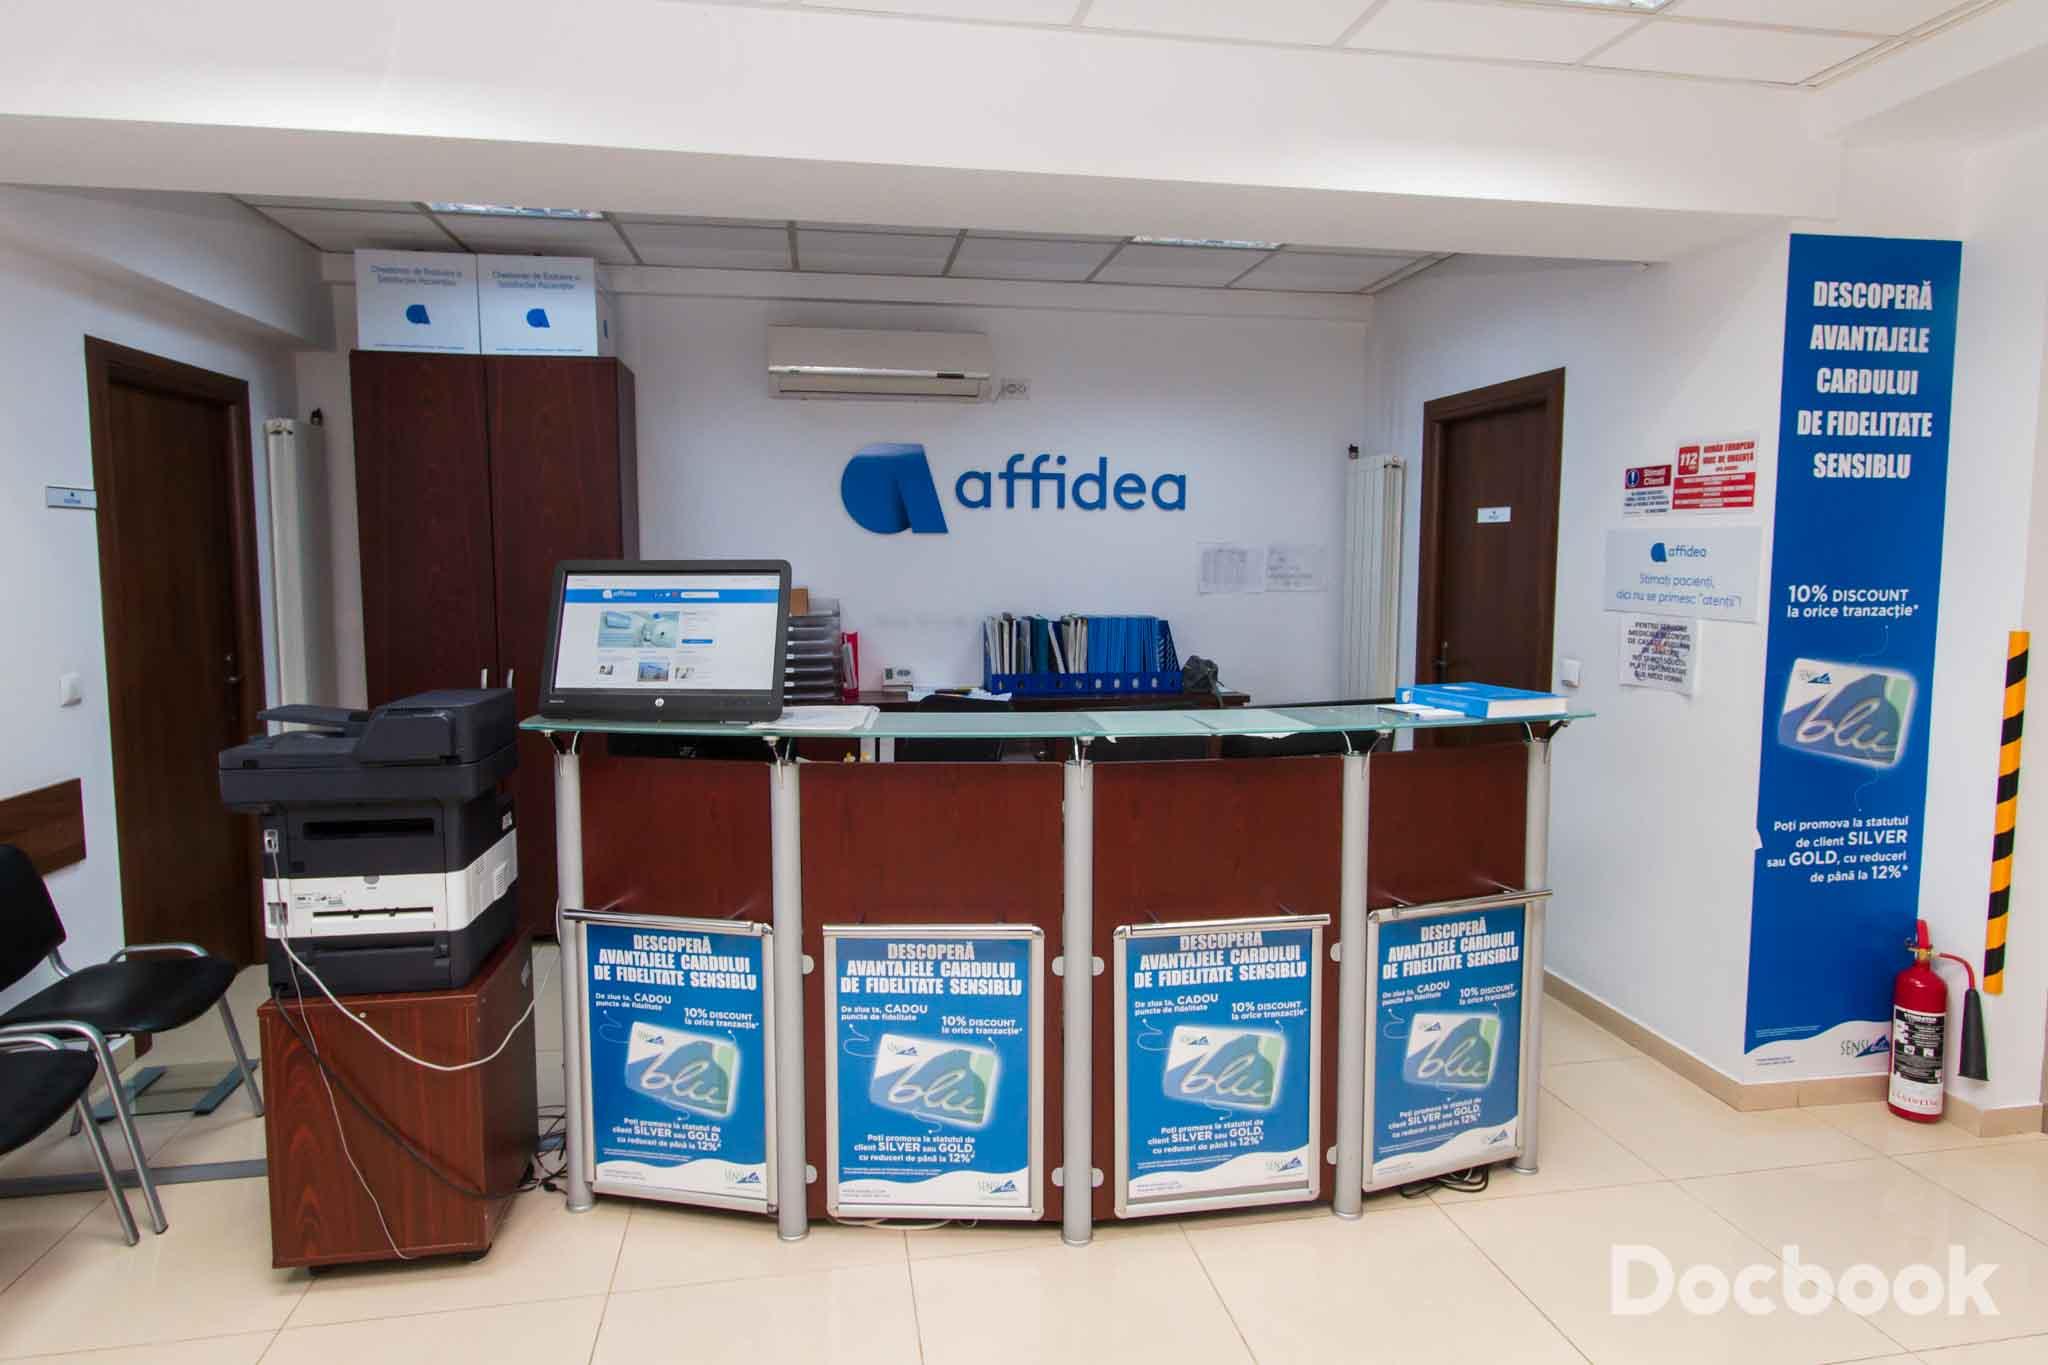 Clinica Affidea - Iasi